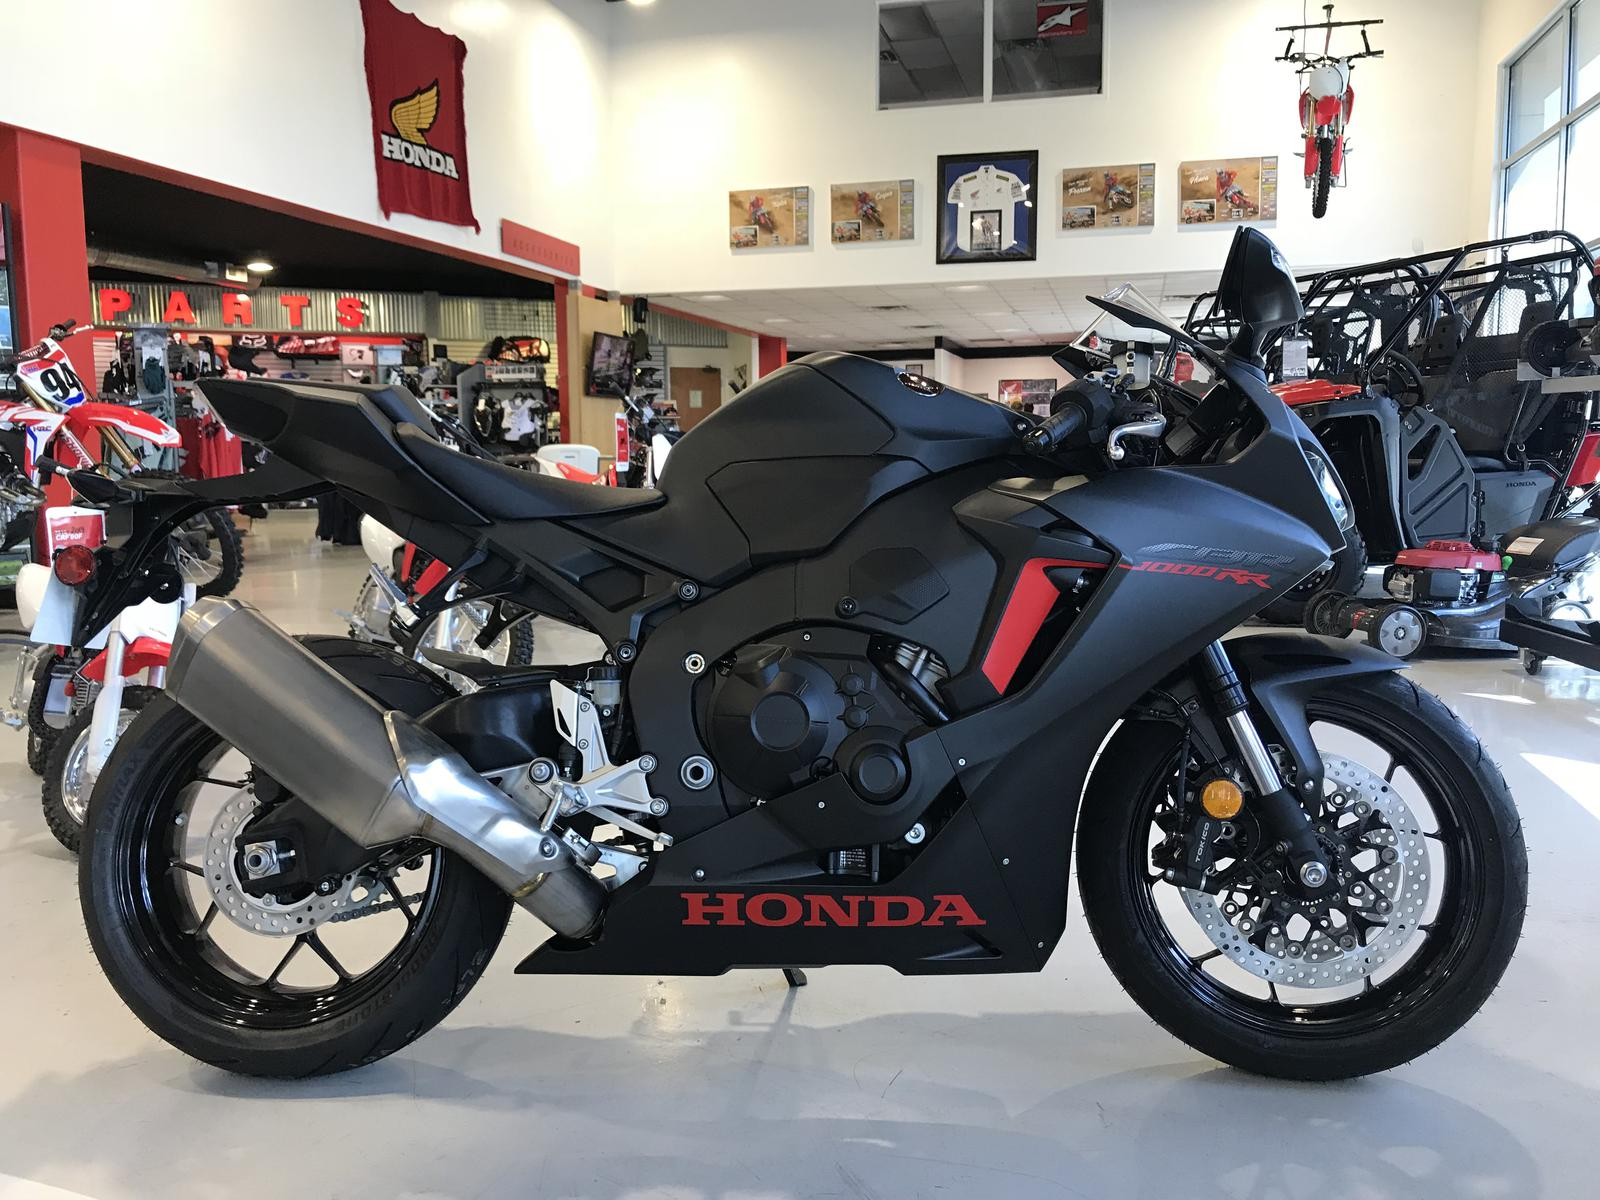 2017 Honda Cbr 1000rr For Sale In Orem Ut Mon Powerhouse. Honda. Honda Cbr 1000 Fuel Line Diagram At Scoala.co